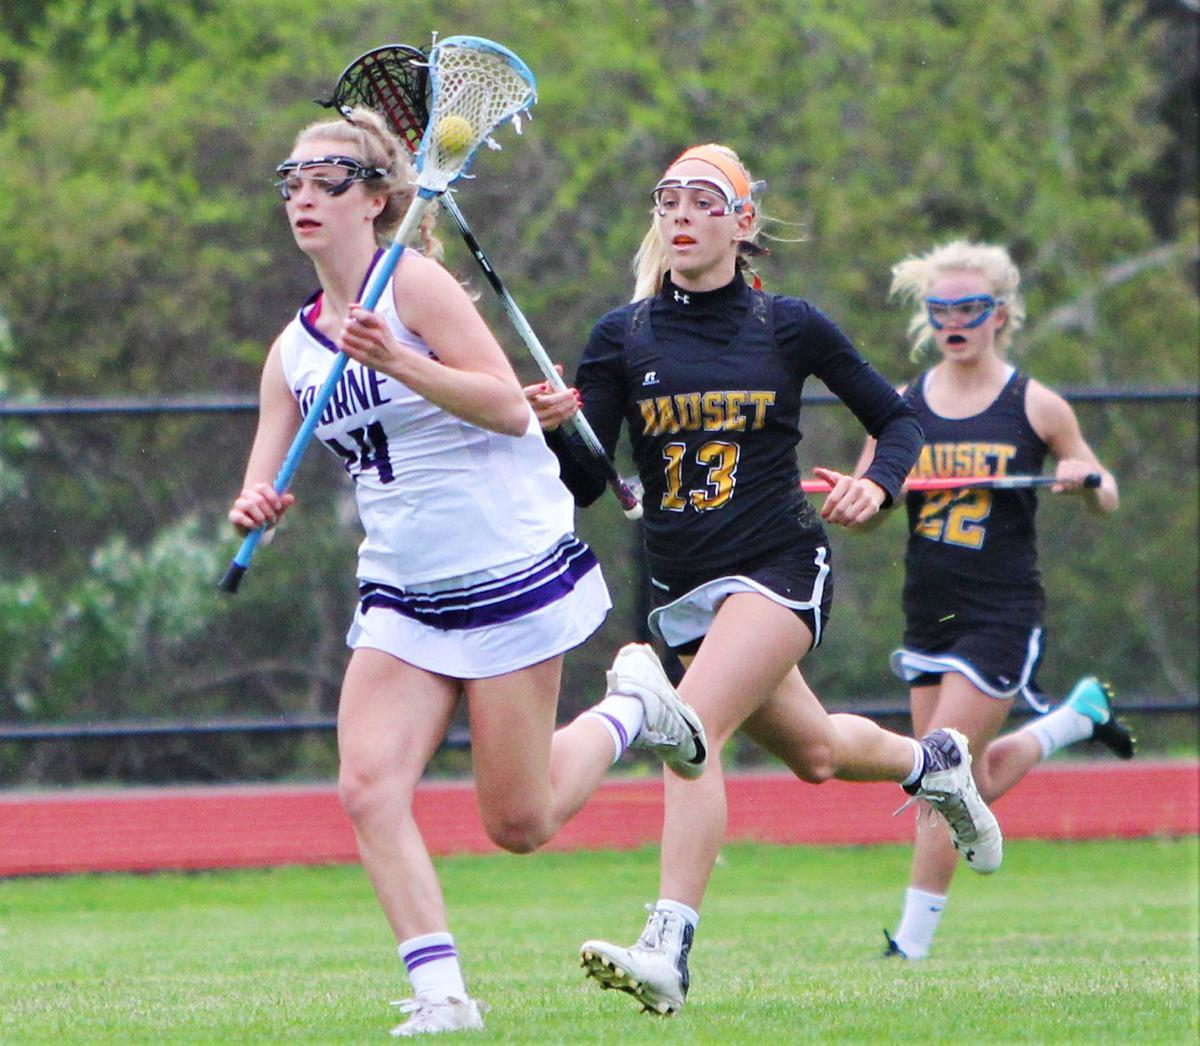 BHS Girls' Lacrosse vs Nauset - May 17, 2019